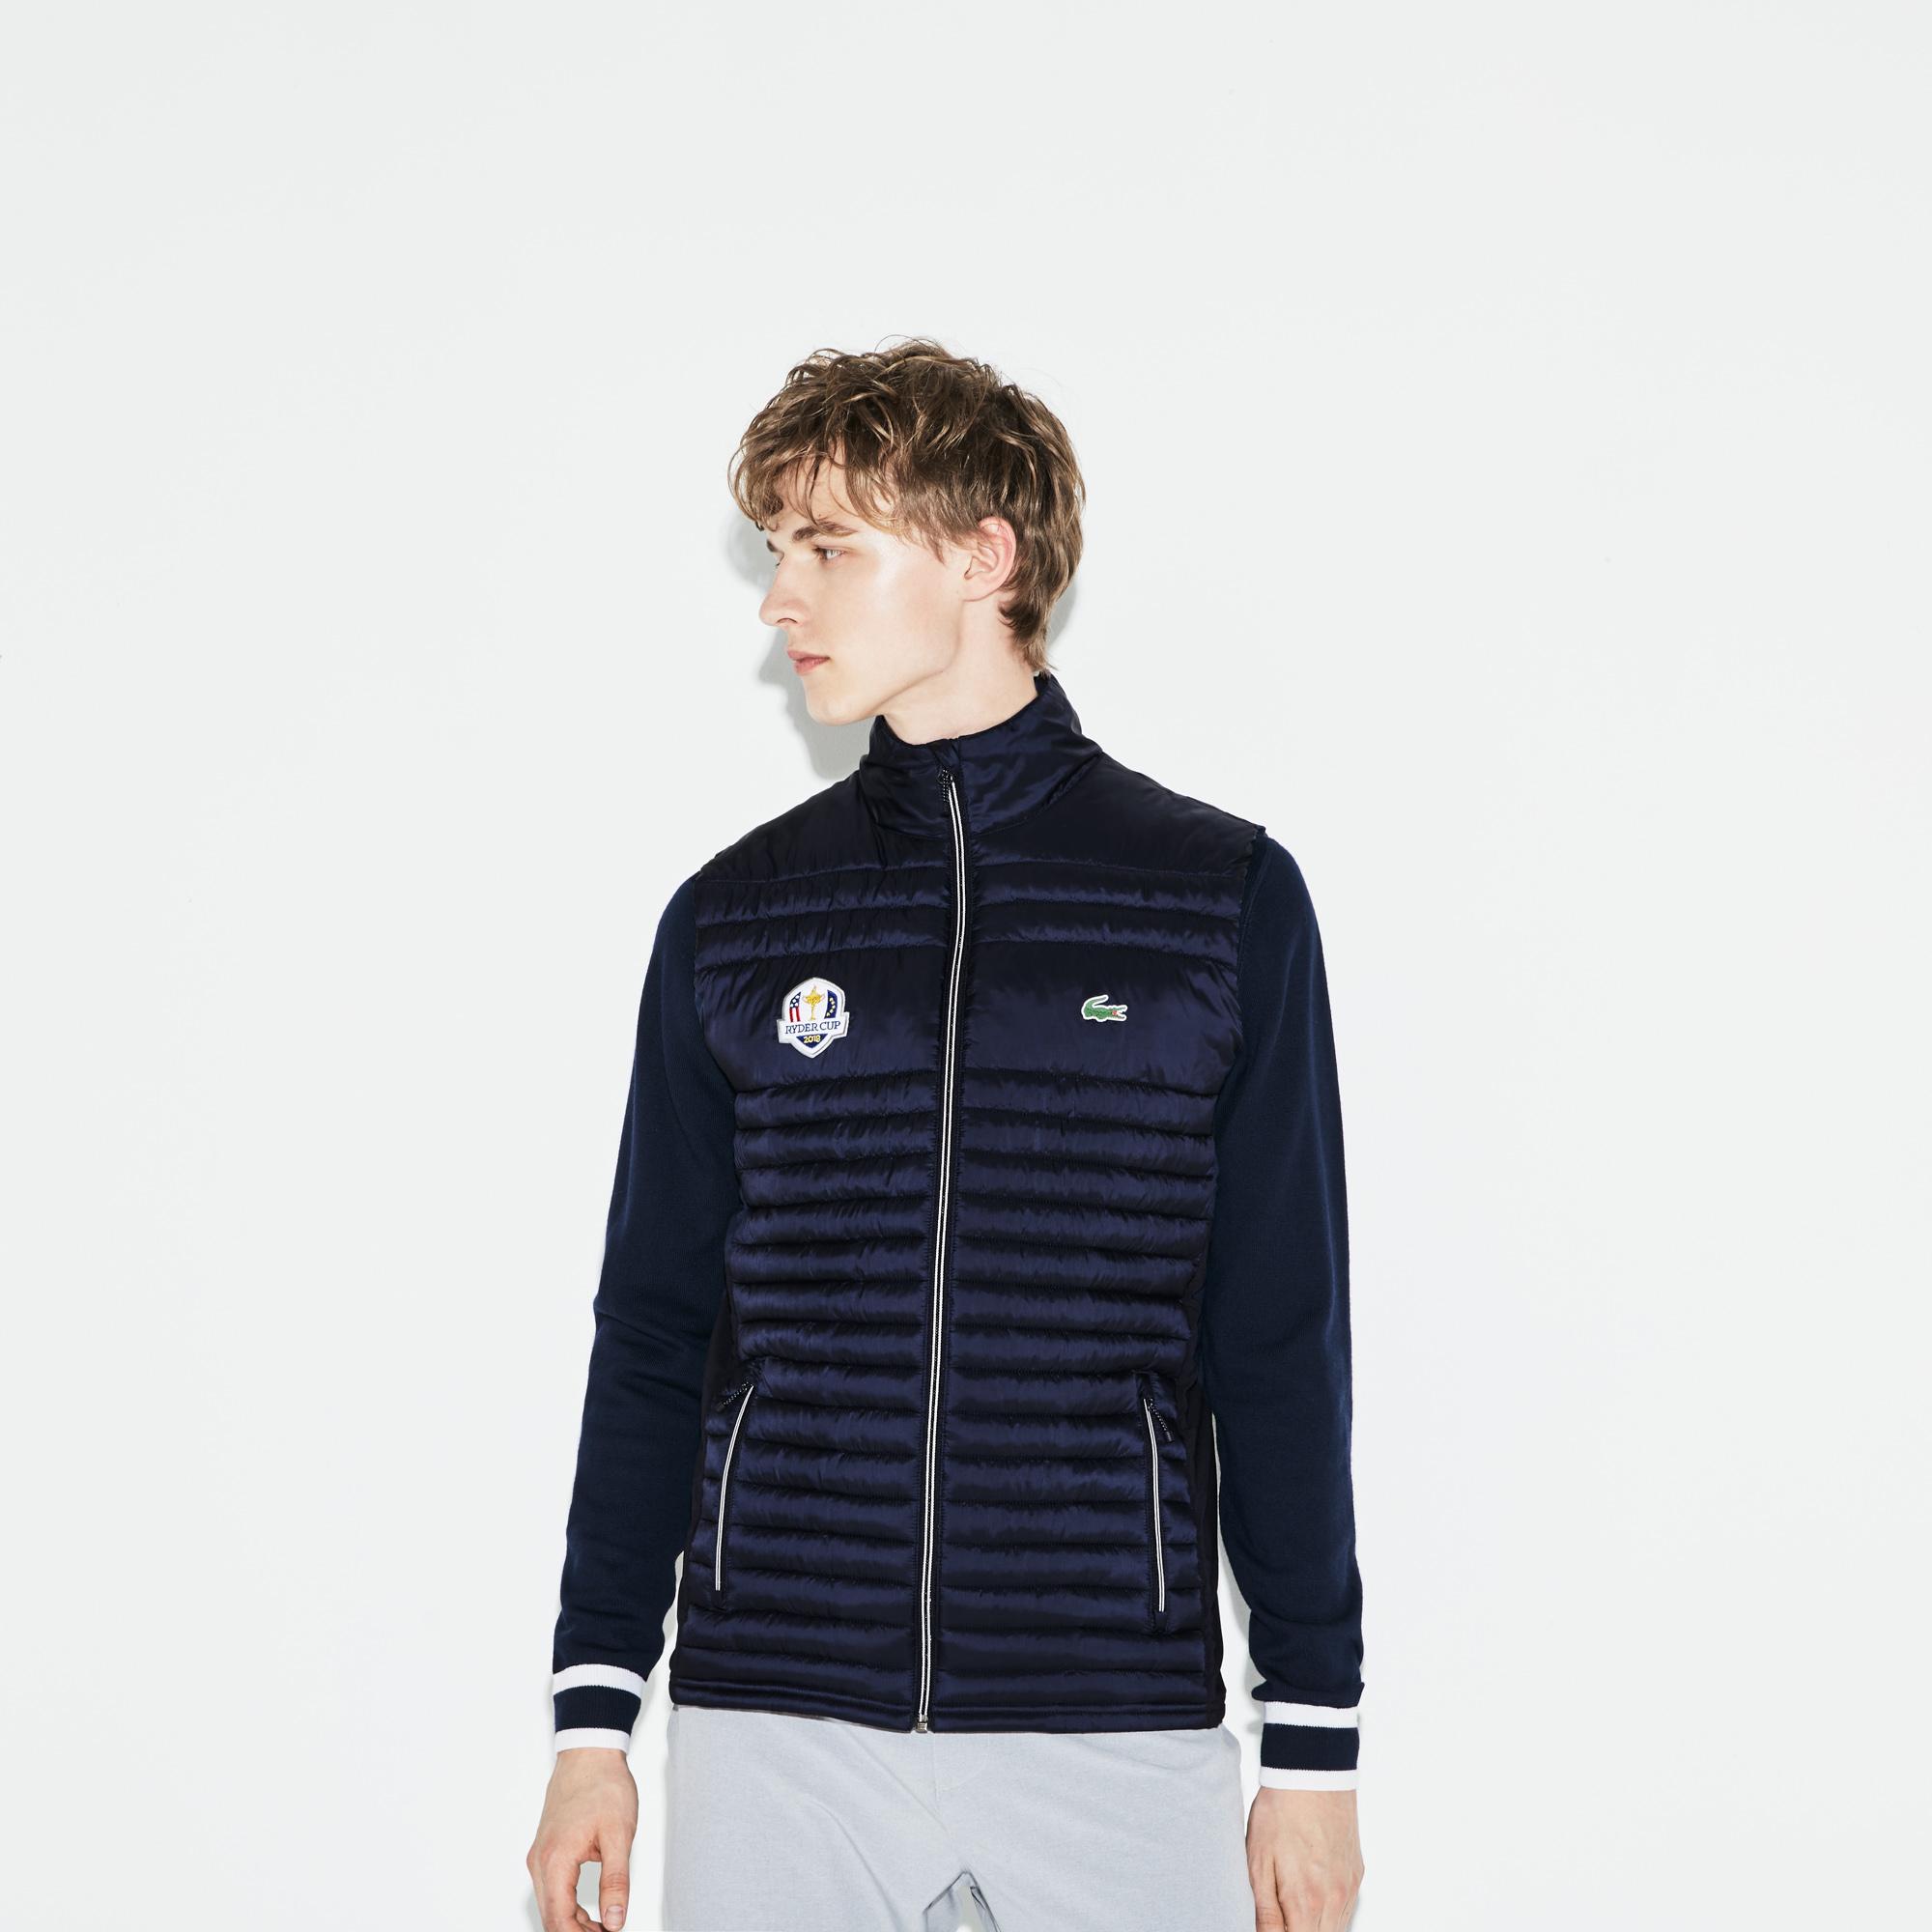 Куртка LacosteВерхняя одежда<br>100% полиэстер 87% полиэстер 13% эластан